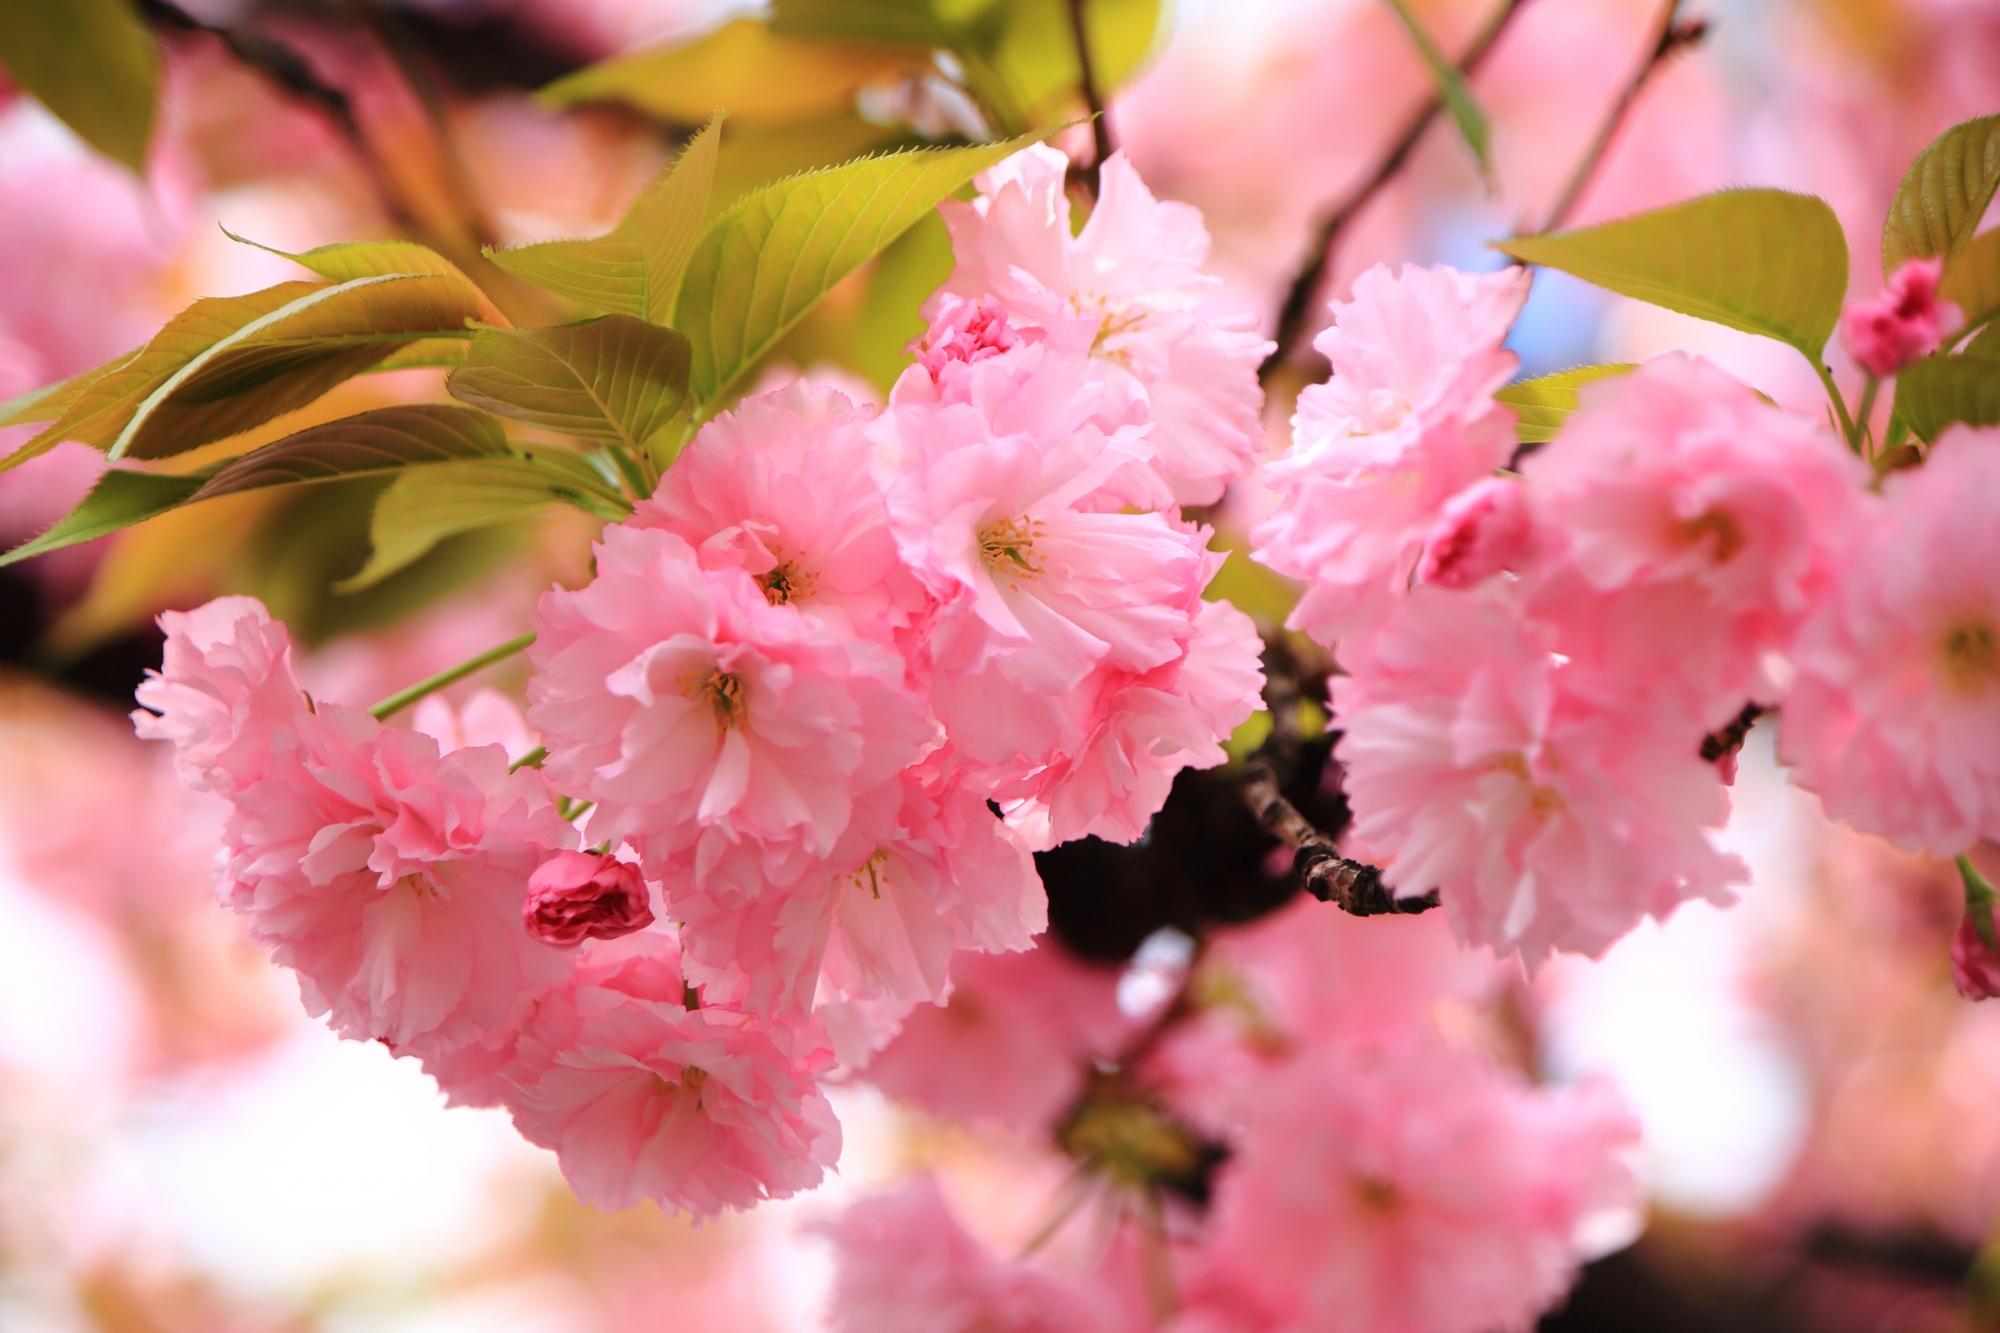 光の当たり具合では優しく淡いピンク色にもなる里桜